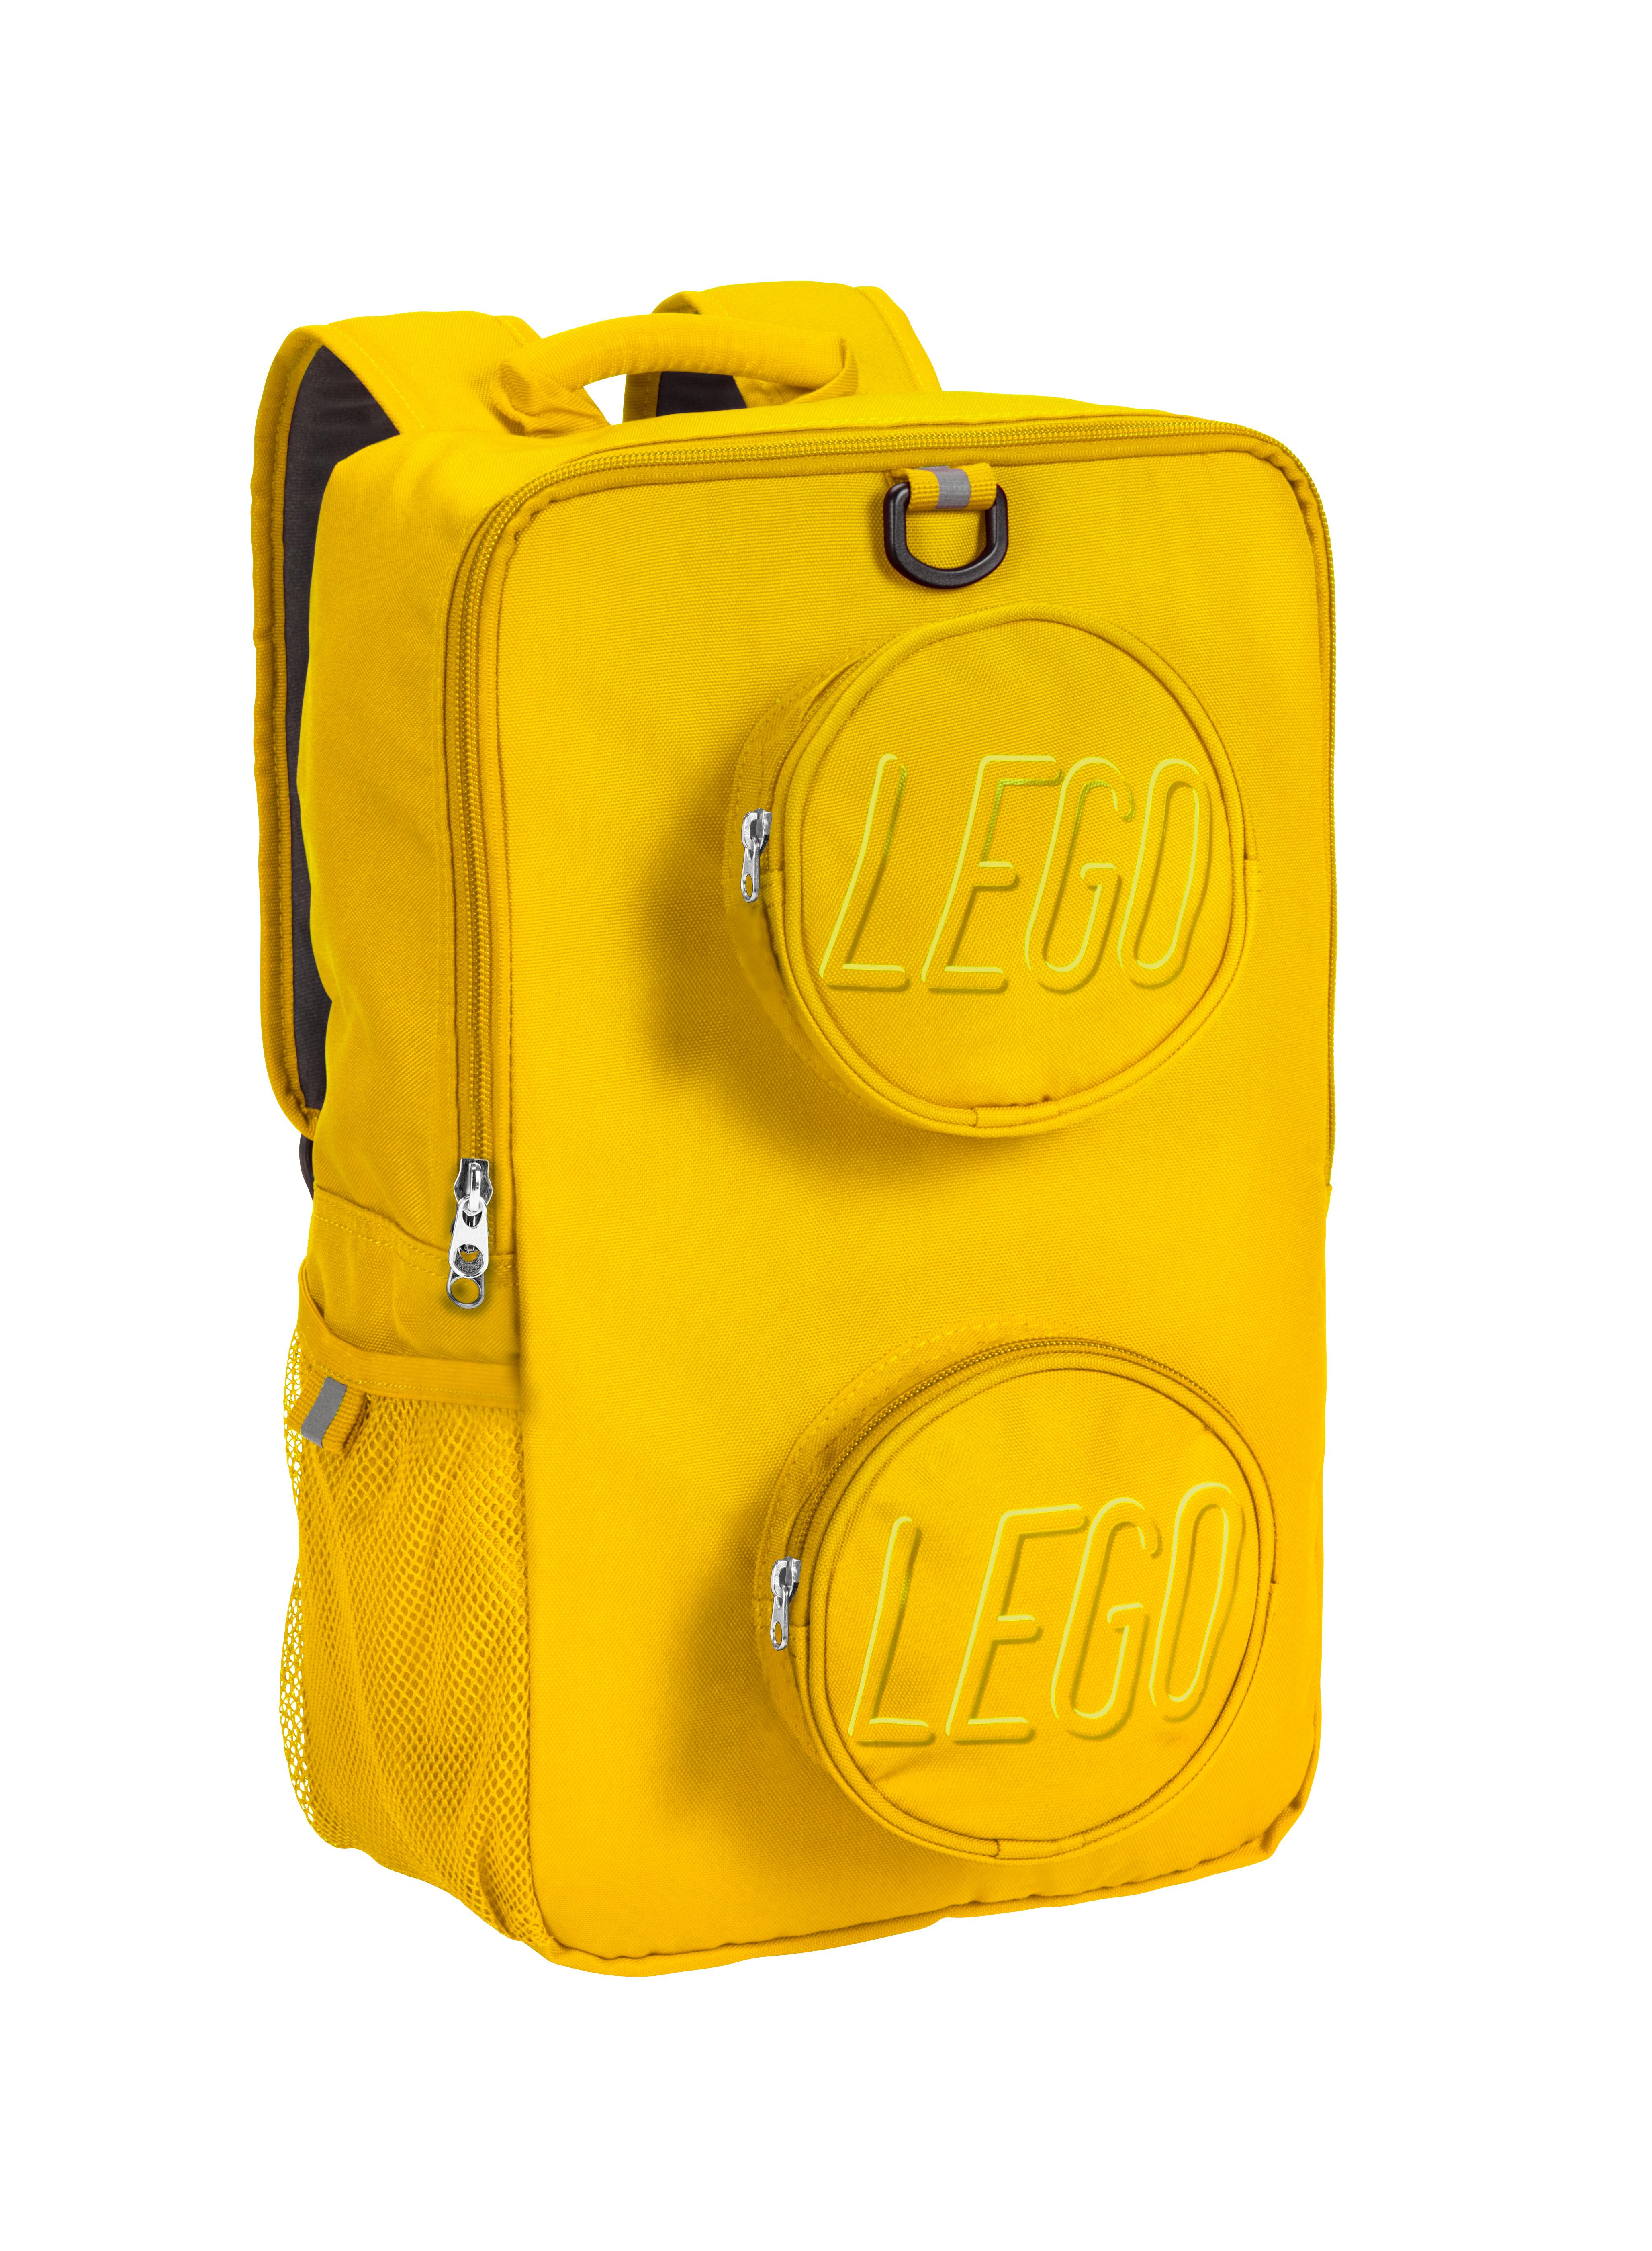 Lego School Backpack